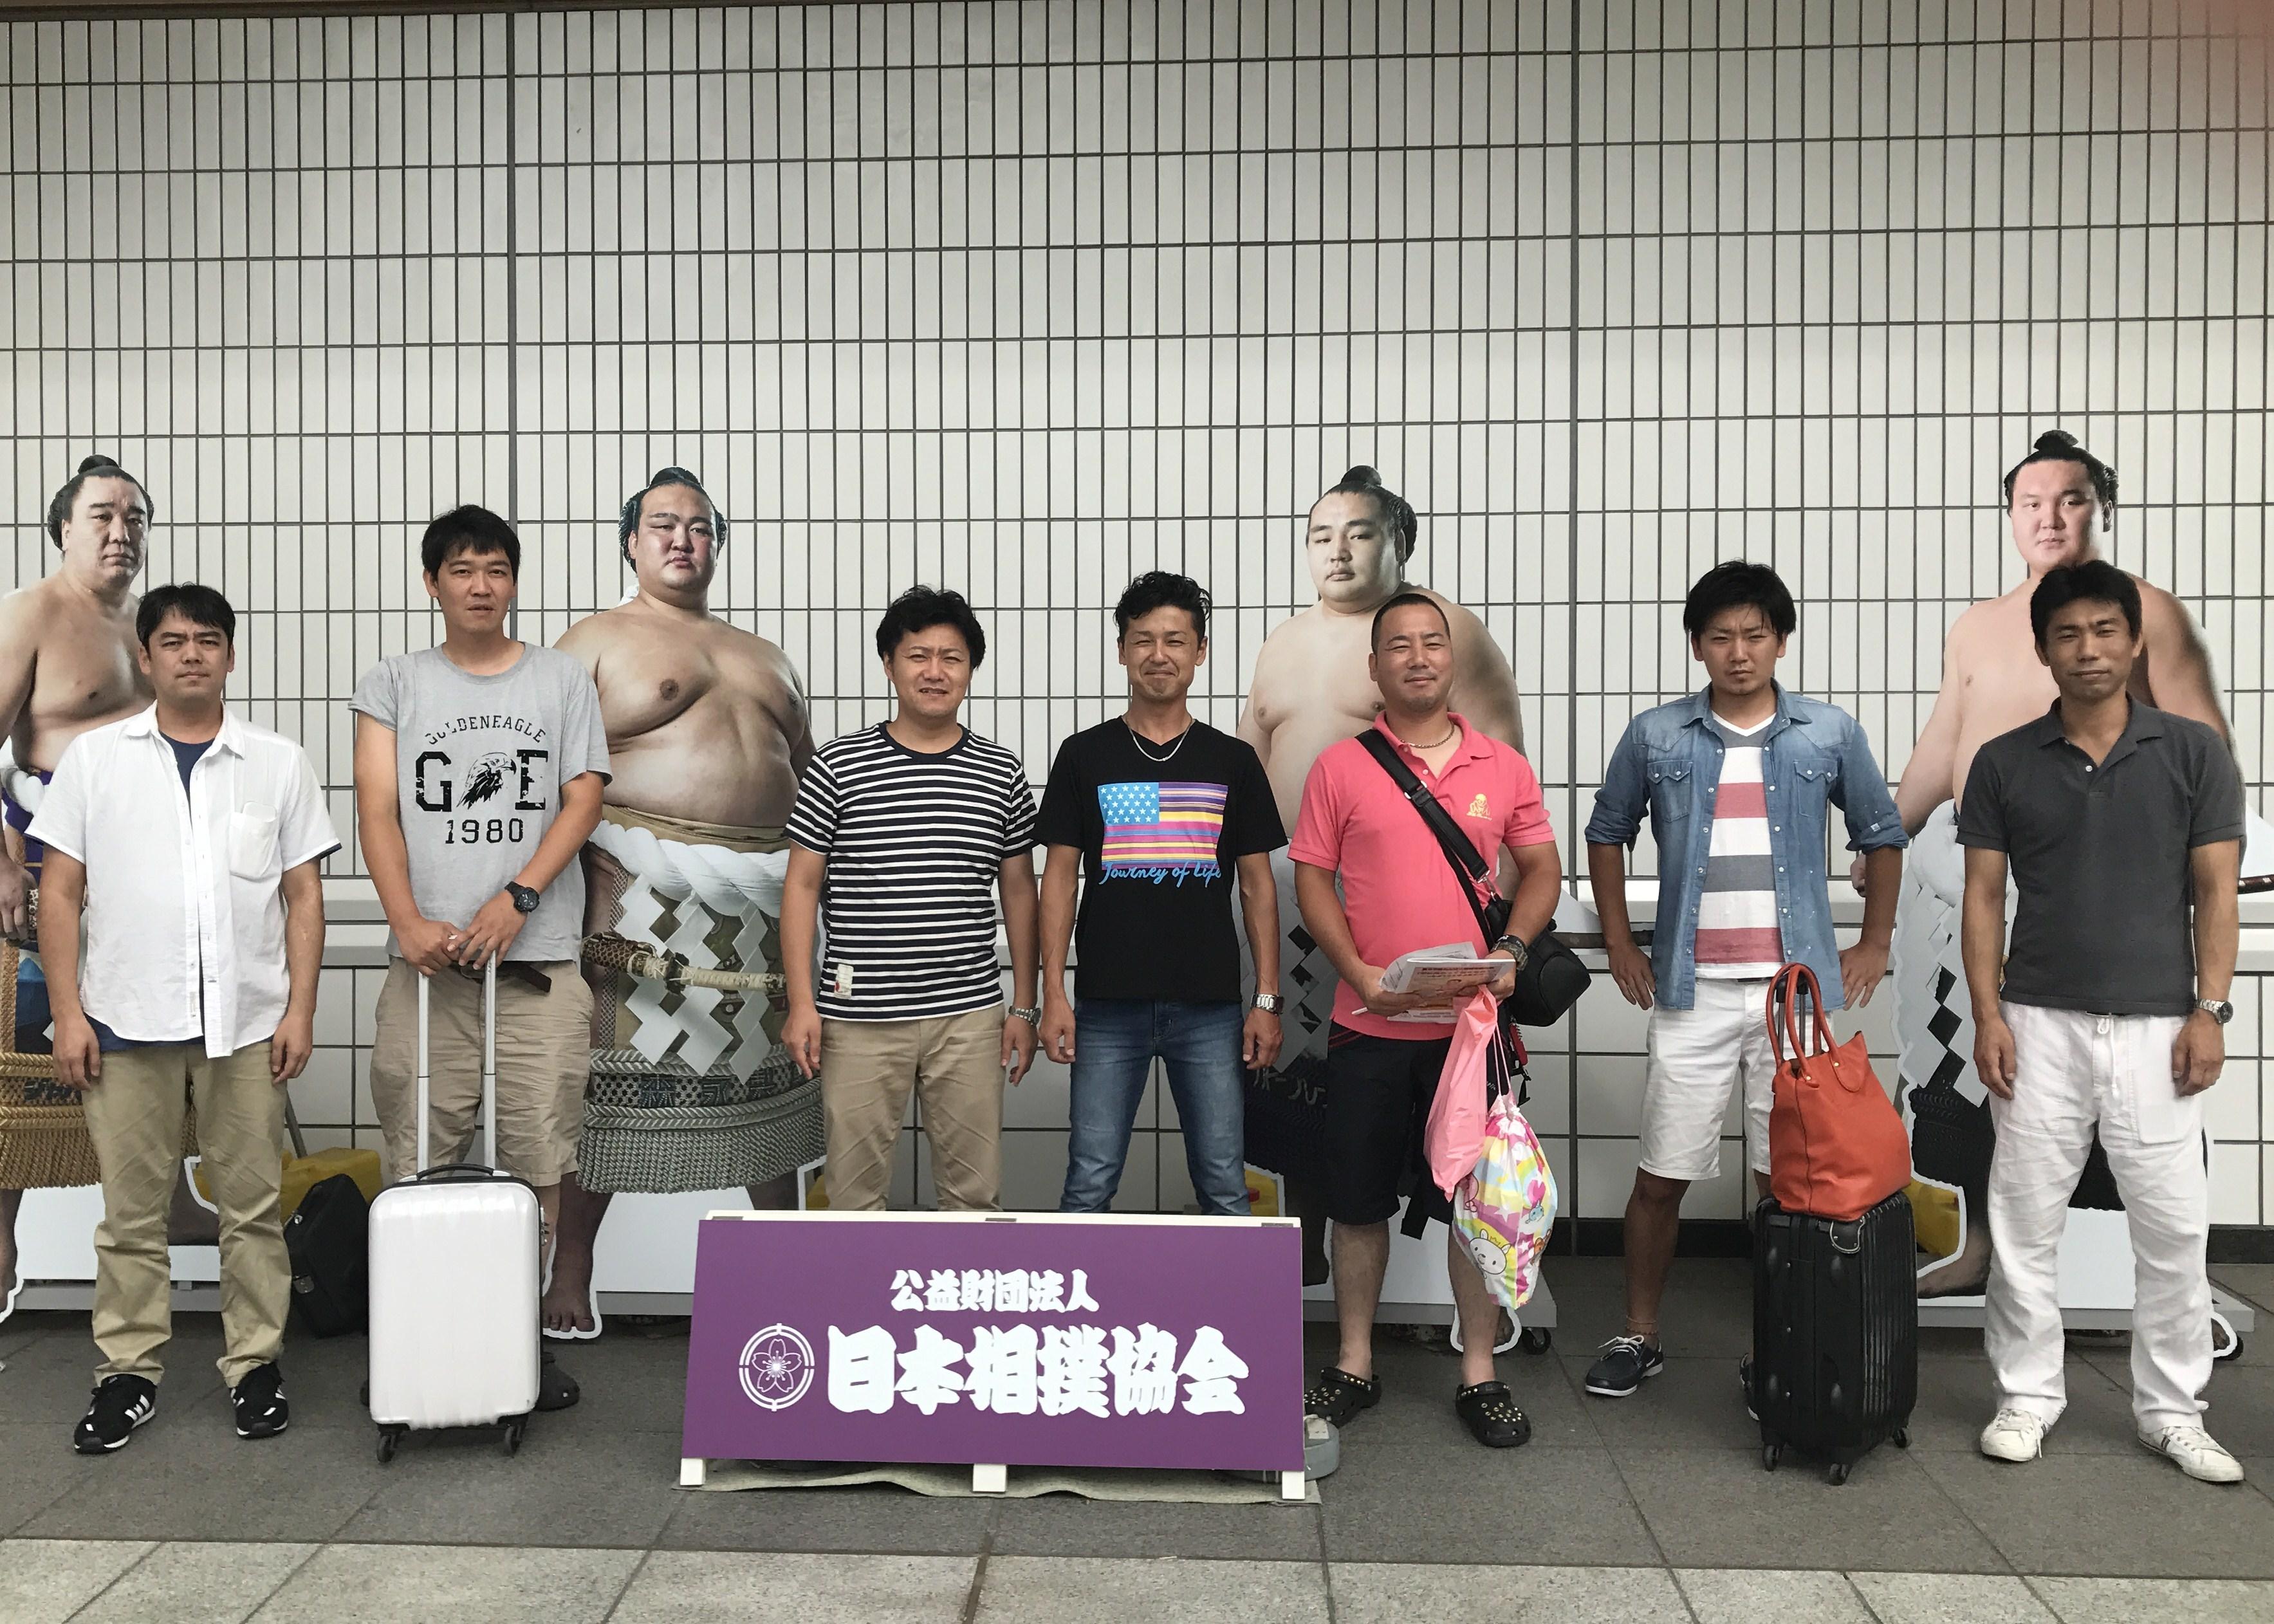 第22回 わんぱく相撲大阪府決勝大会 | 事業報告 | …